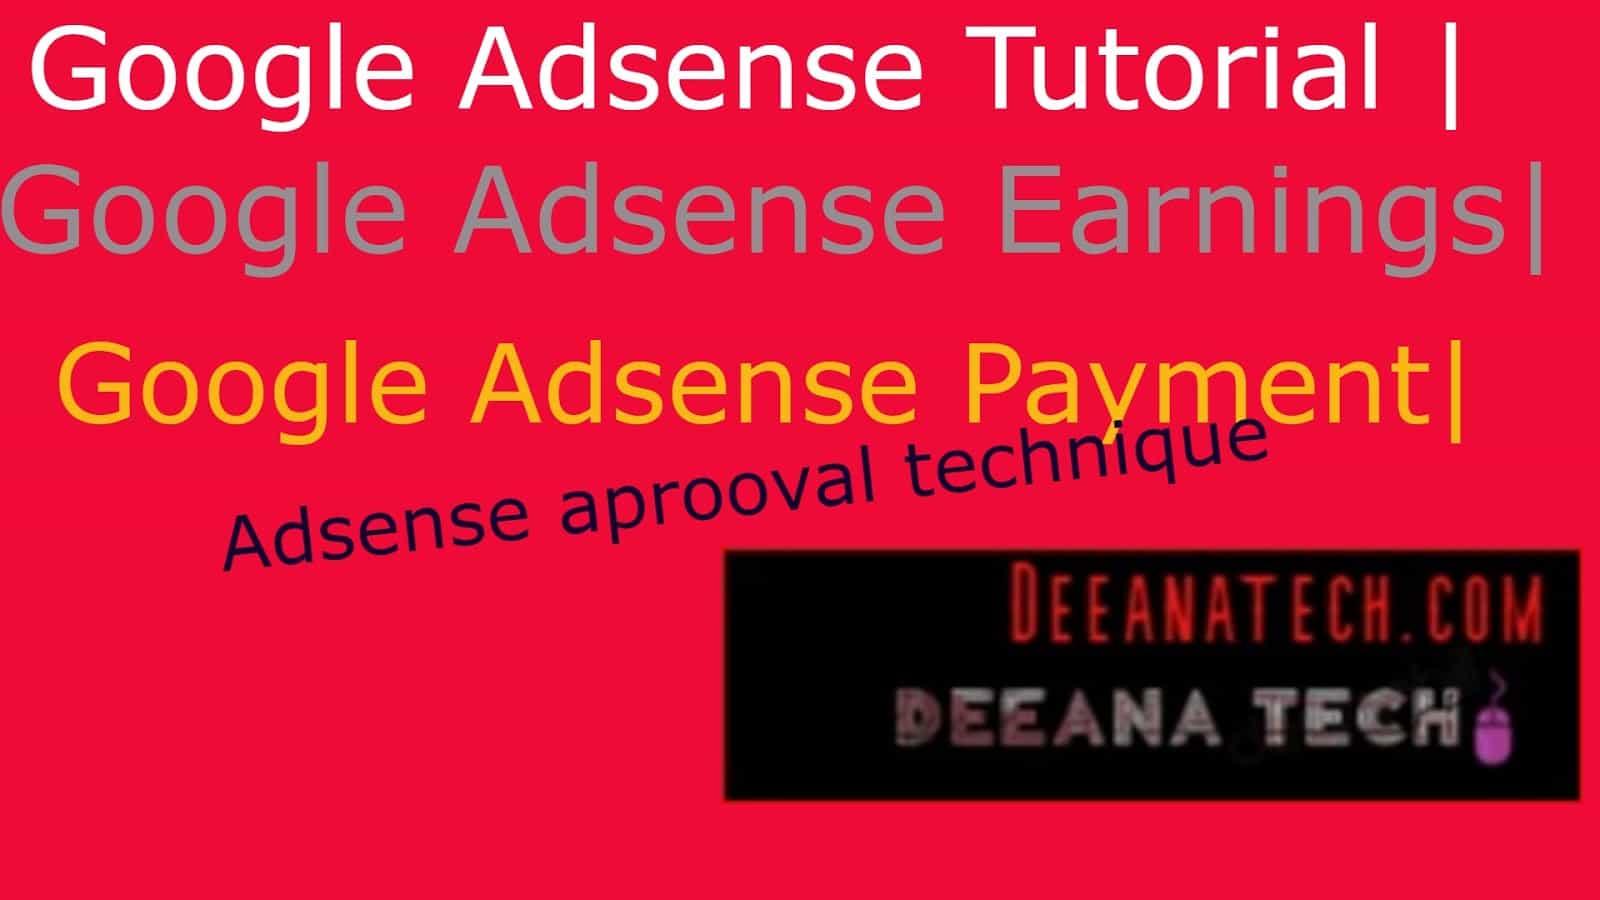 Google AdSense Tutorial, Google AdSense Earnings, Google AdSense Payment, My absence account, deenatech.com